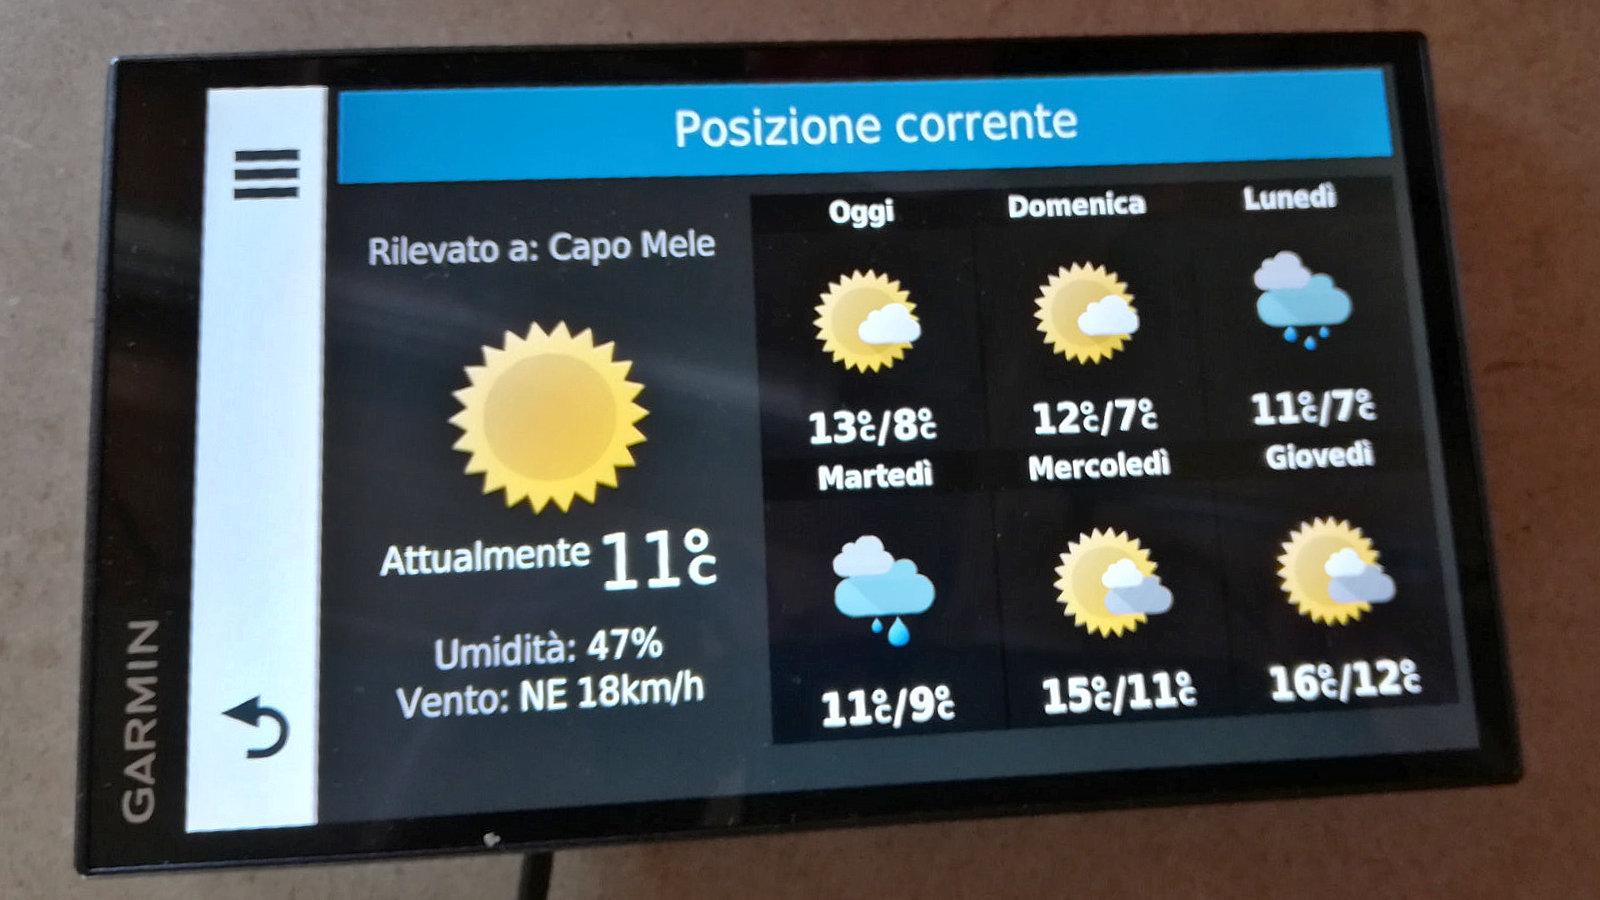 Il meteo in tempo reale. Una delle applicazioni del navigatore Garmin Camper 770 LMT-D